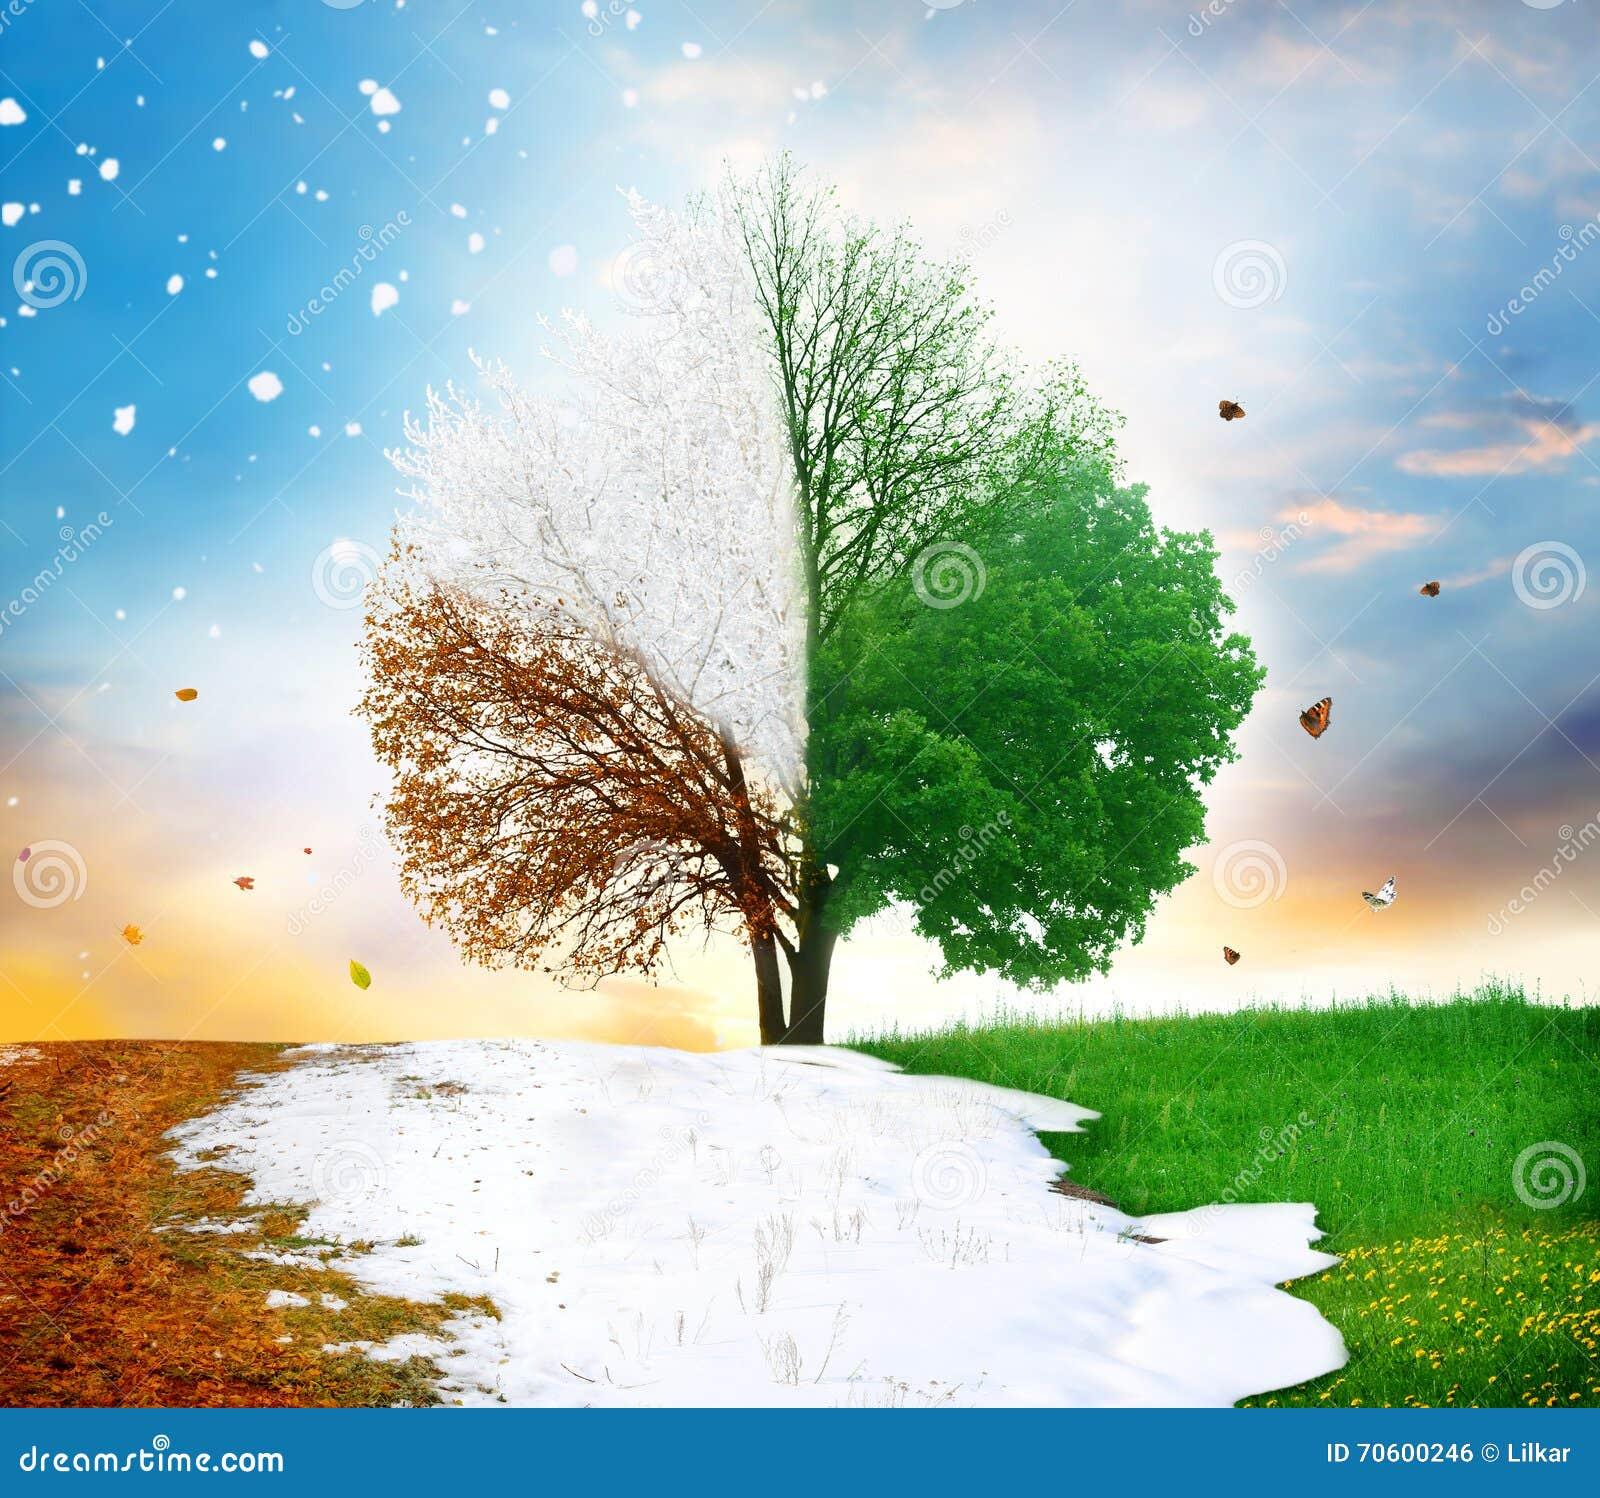 RnWinter de cuatro estaciones, verano, otoño, resorte